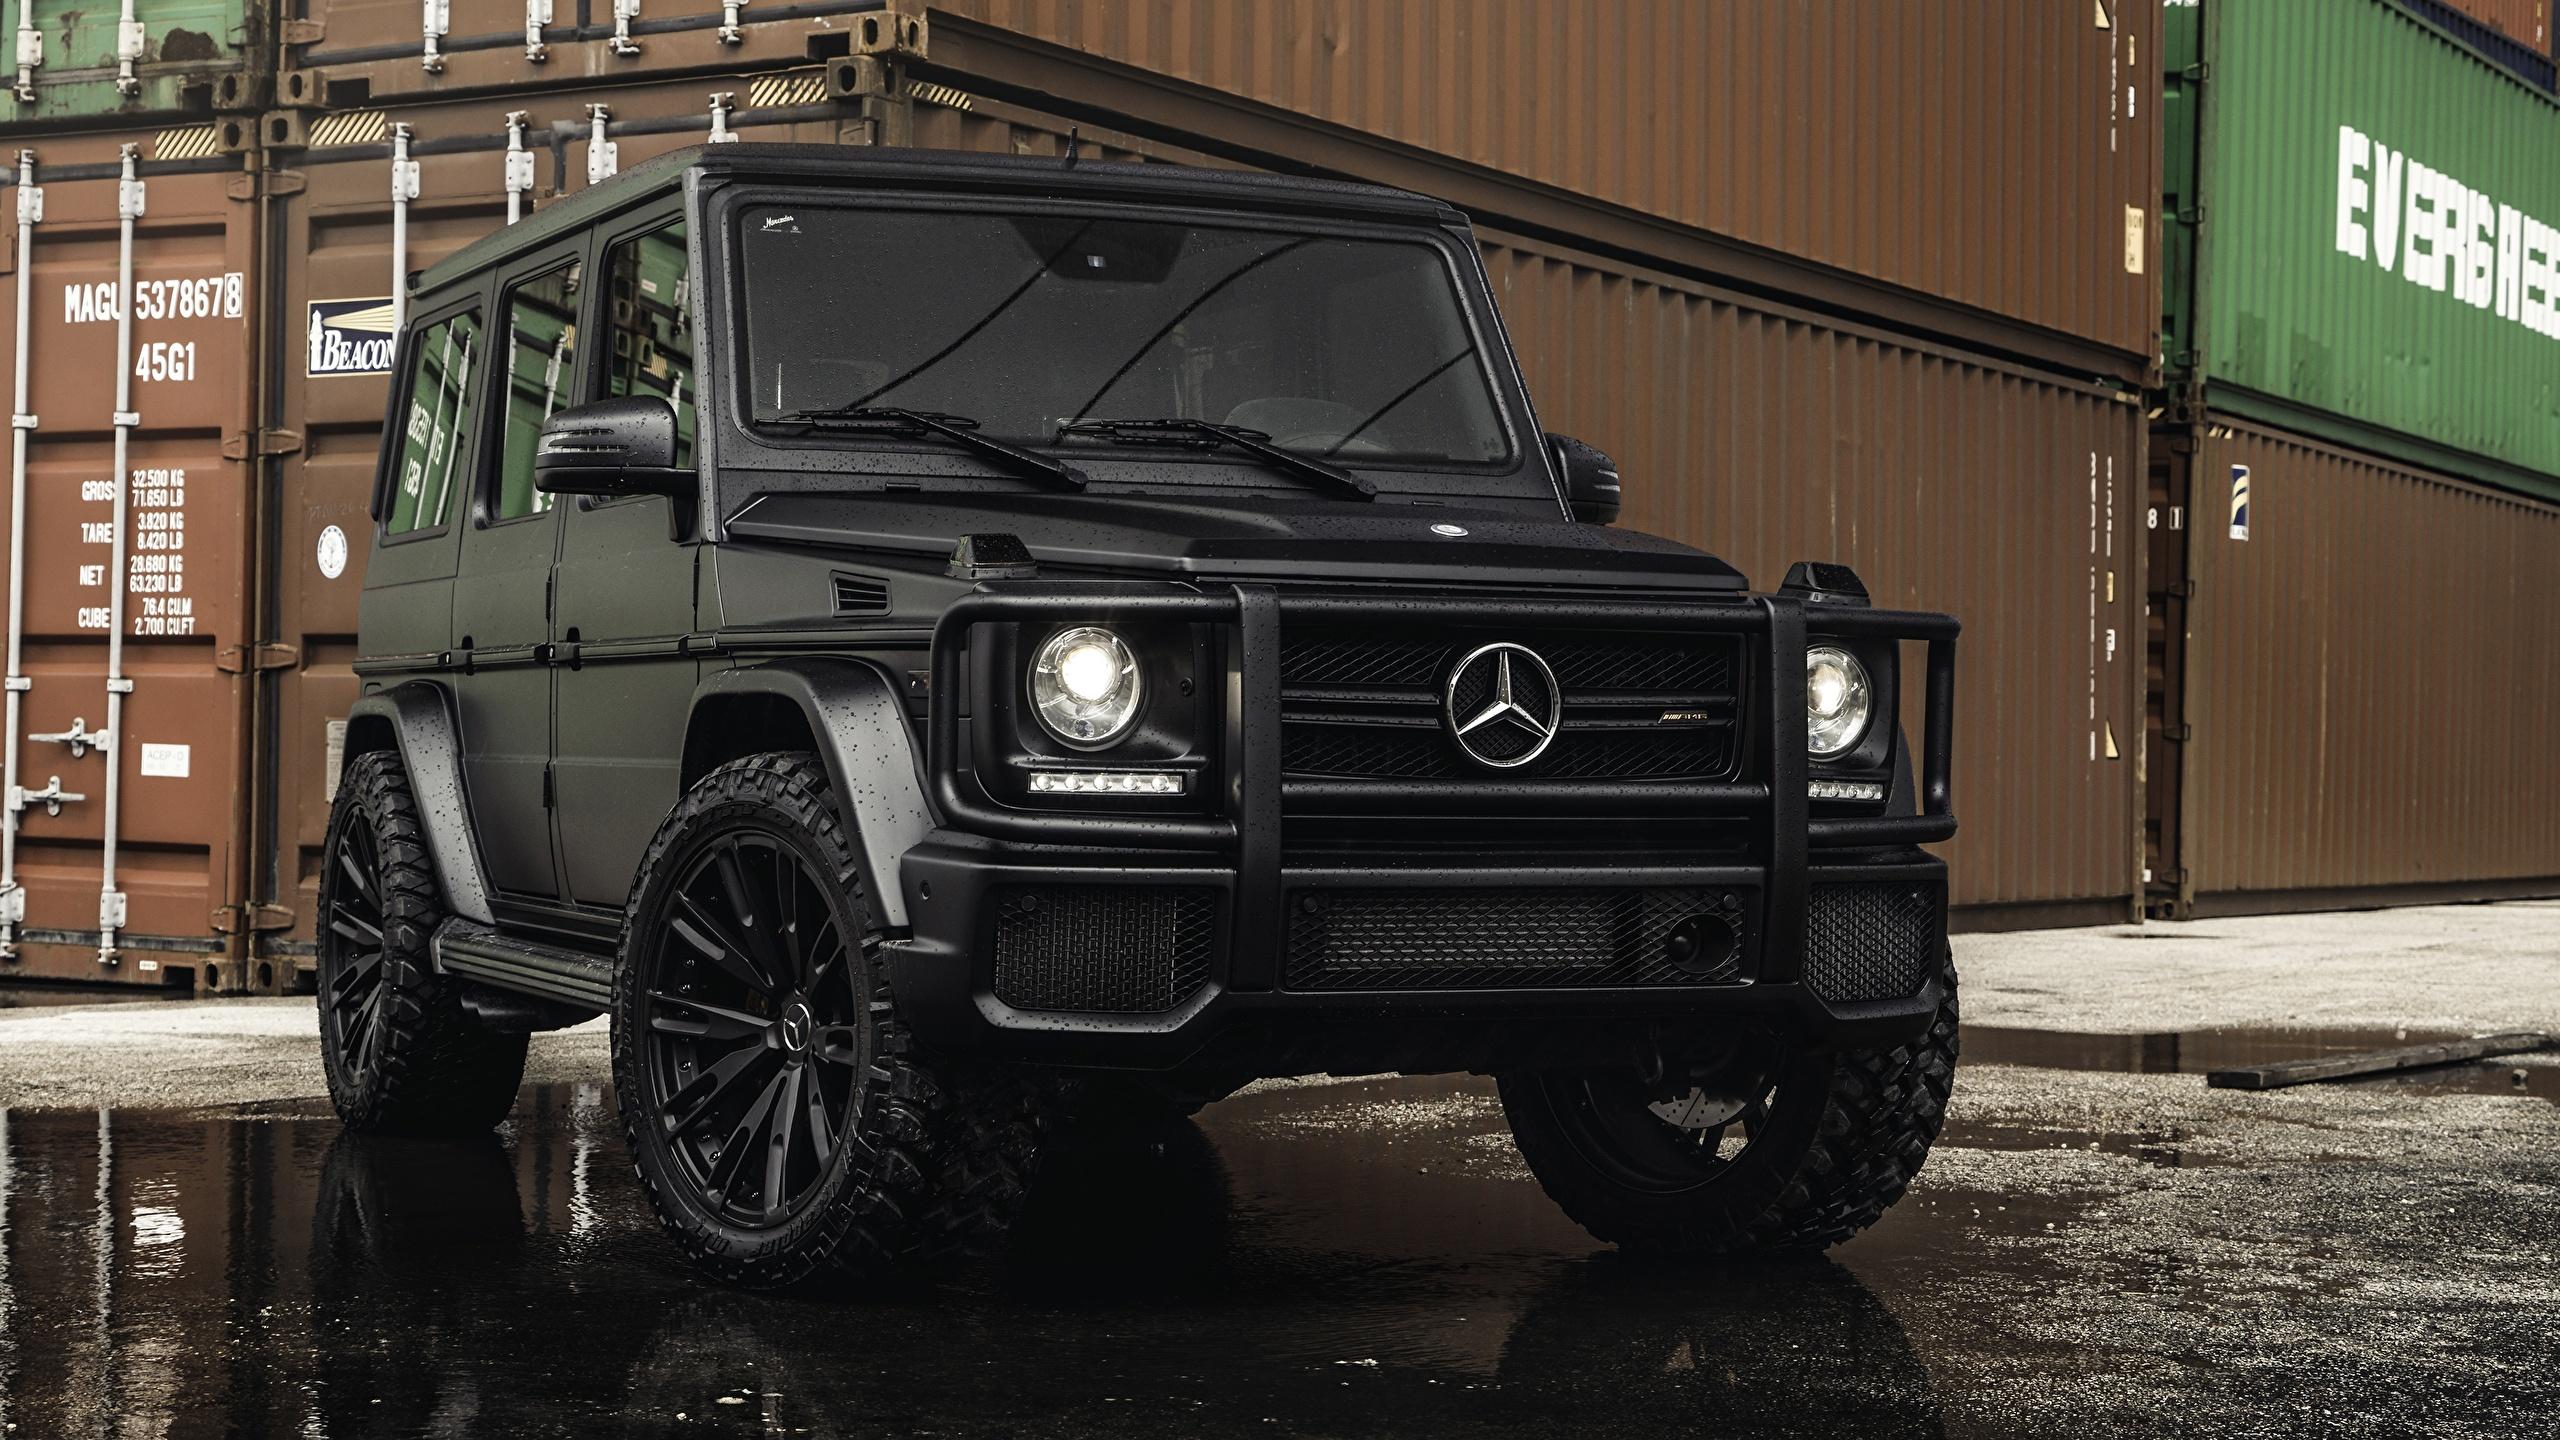 Фото Mercedes-Benz гелентваген G63 AMG Черный машина 2560x1440 Мерседес бенц G-класс черных черные черная авто машины автомобиль Автомобили